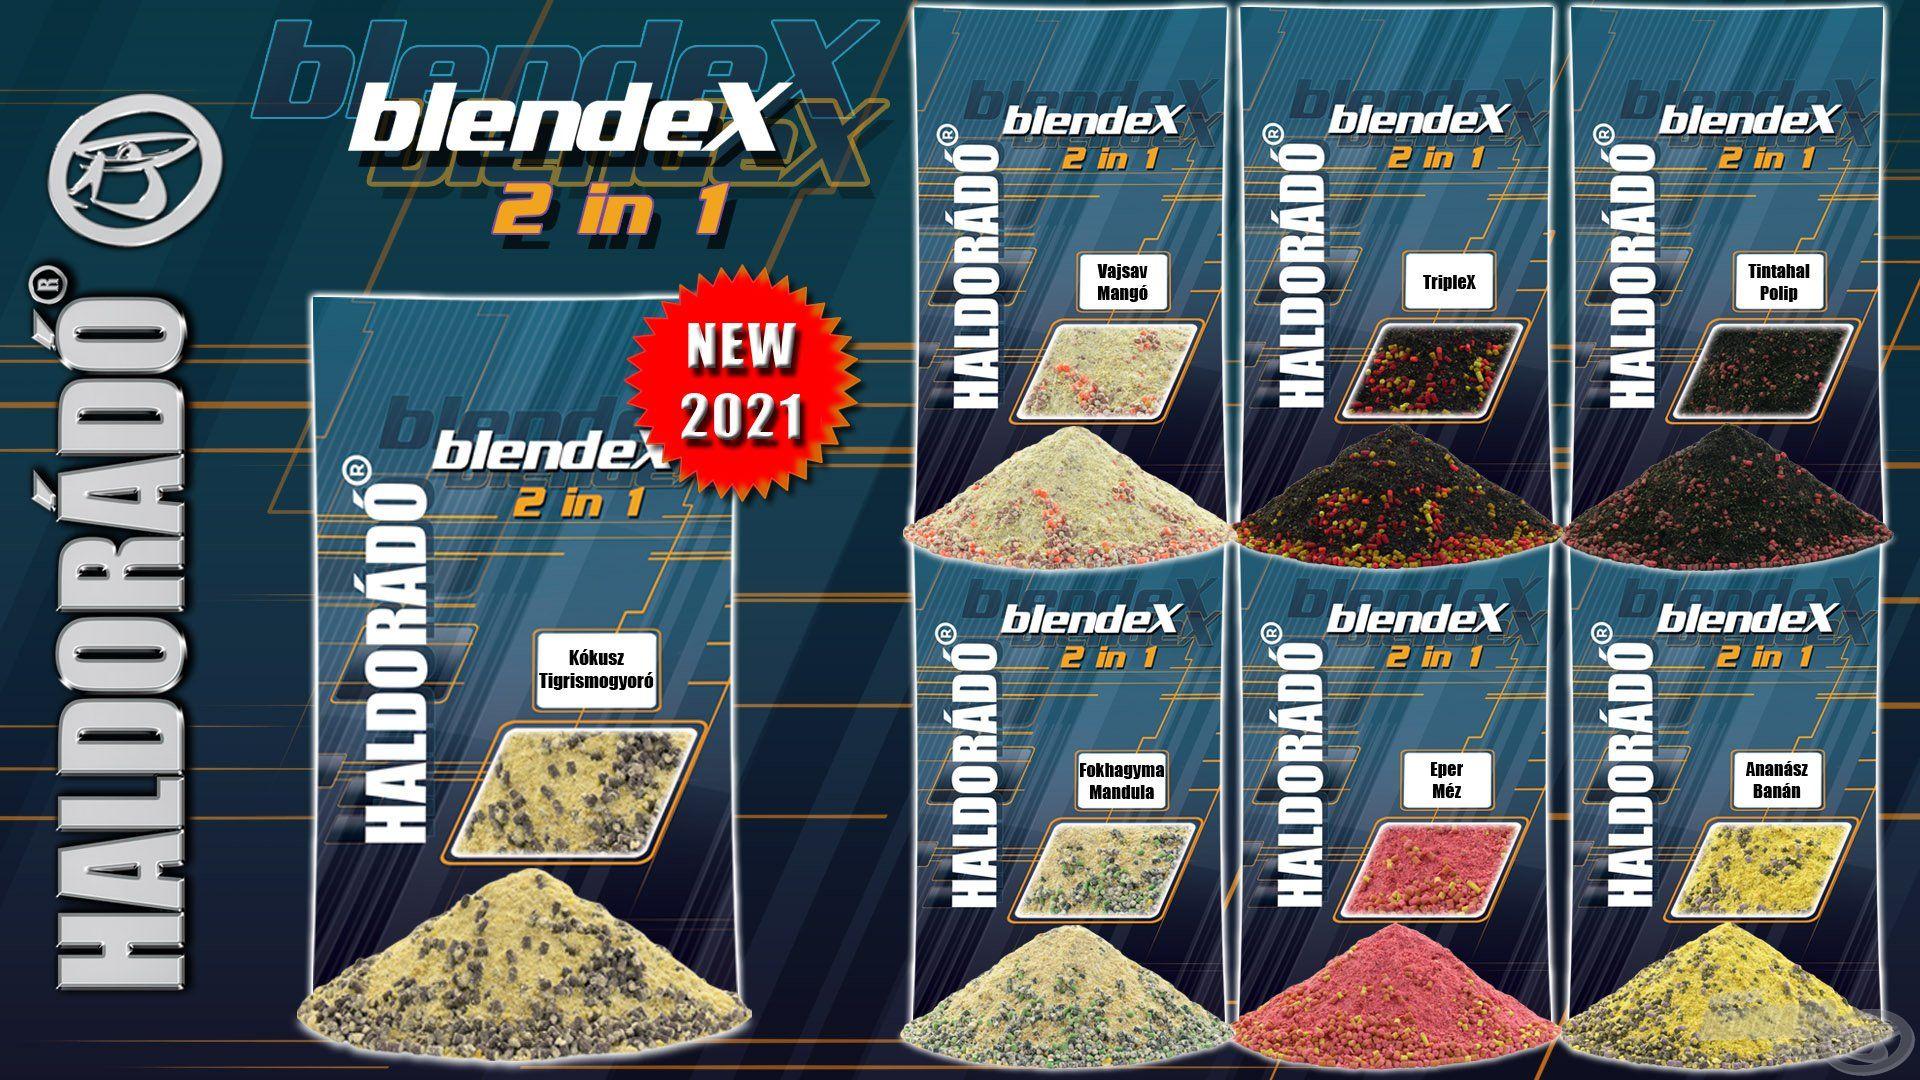 A BlendeX 2 in 1 etetőanyag szériában is elérhető lesz a Kókusz + Tigrismogyoró íz